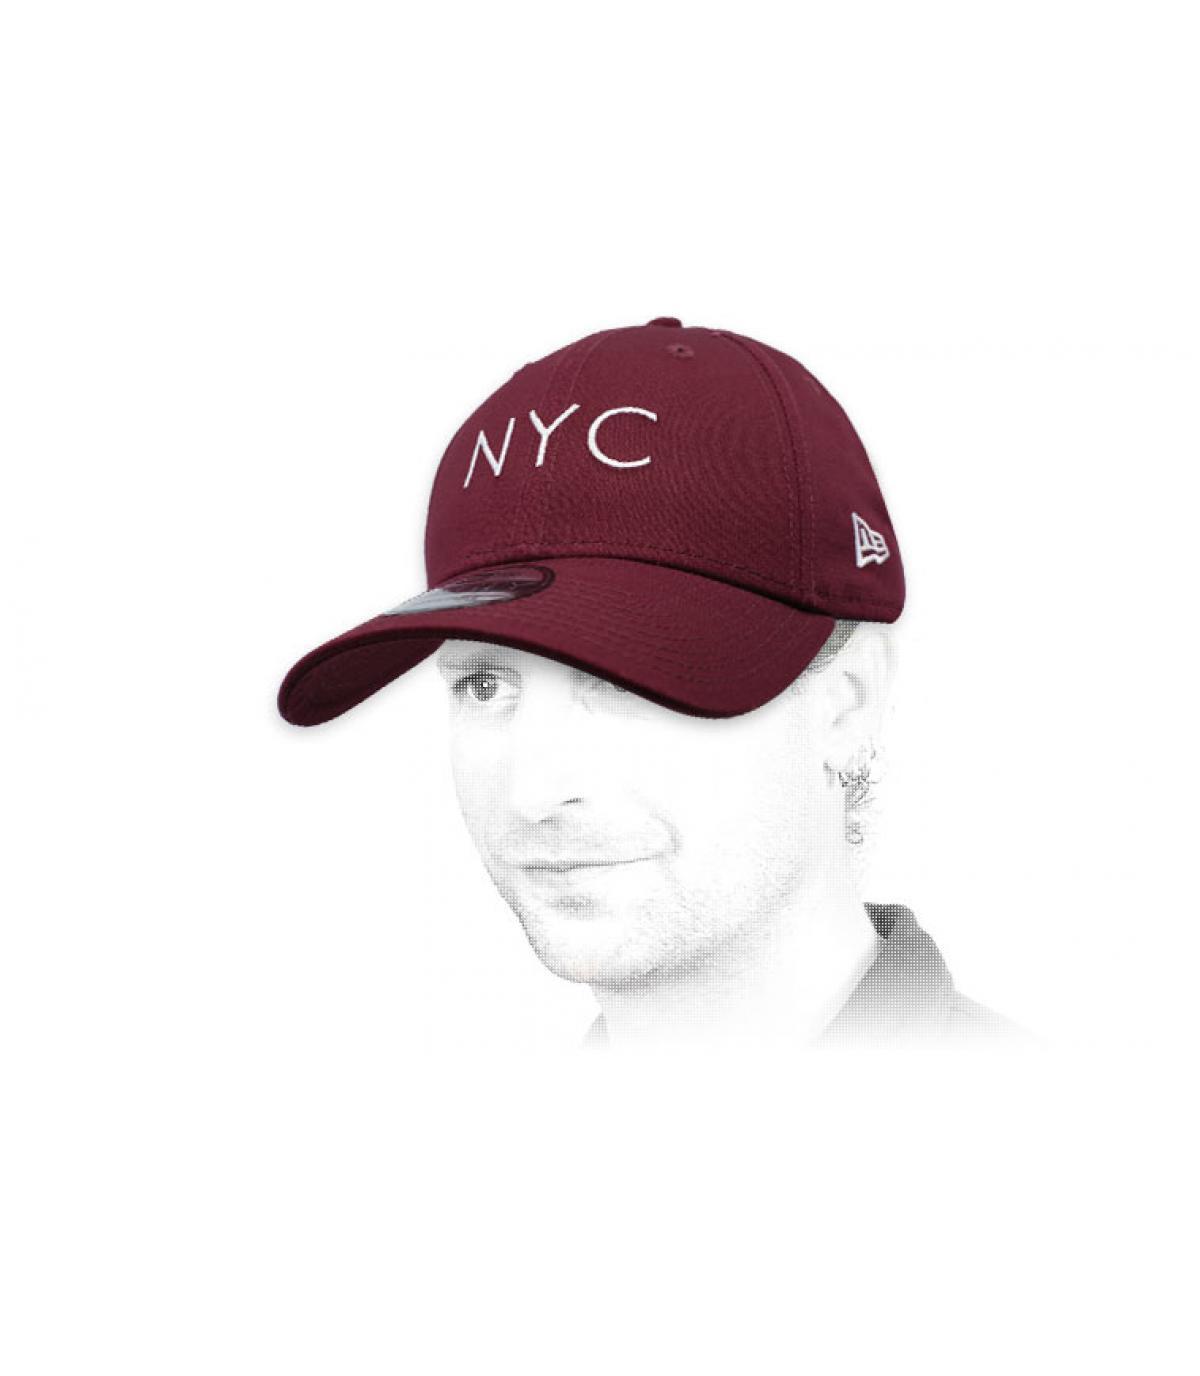 casquette NYC bordeaux